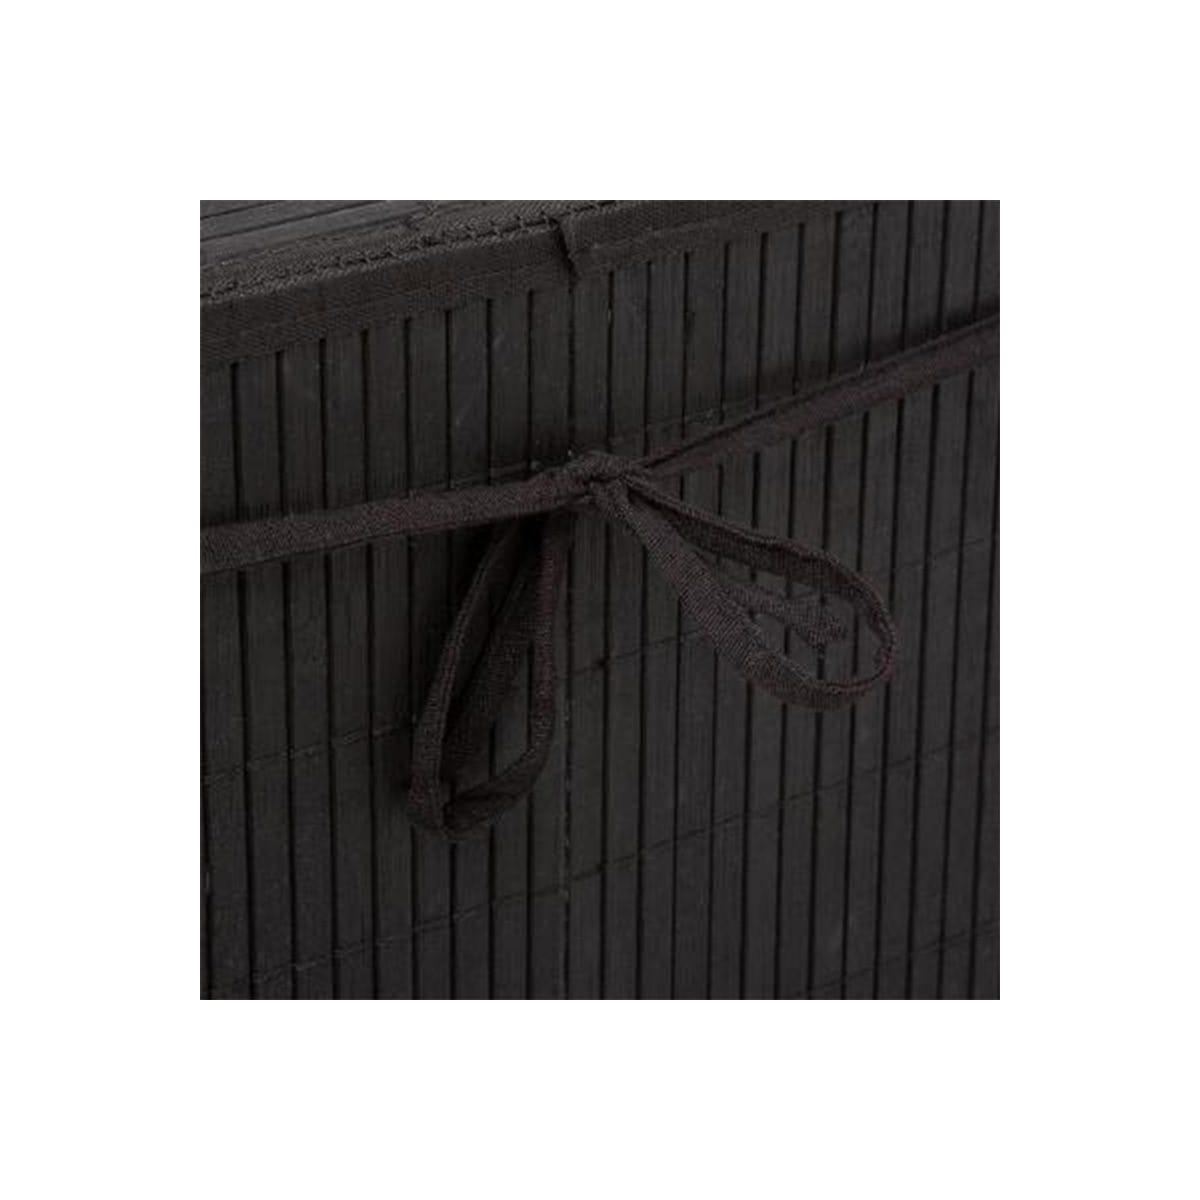 4Goodz Zwarte bamboe Wasmand met deksel en handvaten - 60 liter